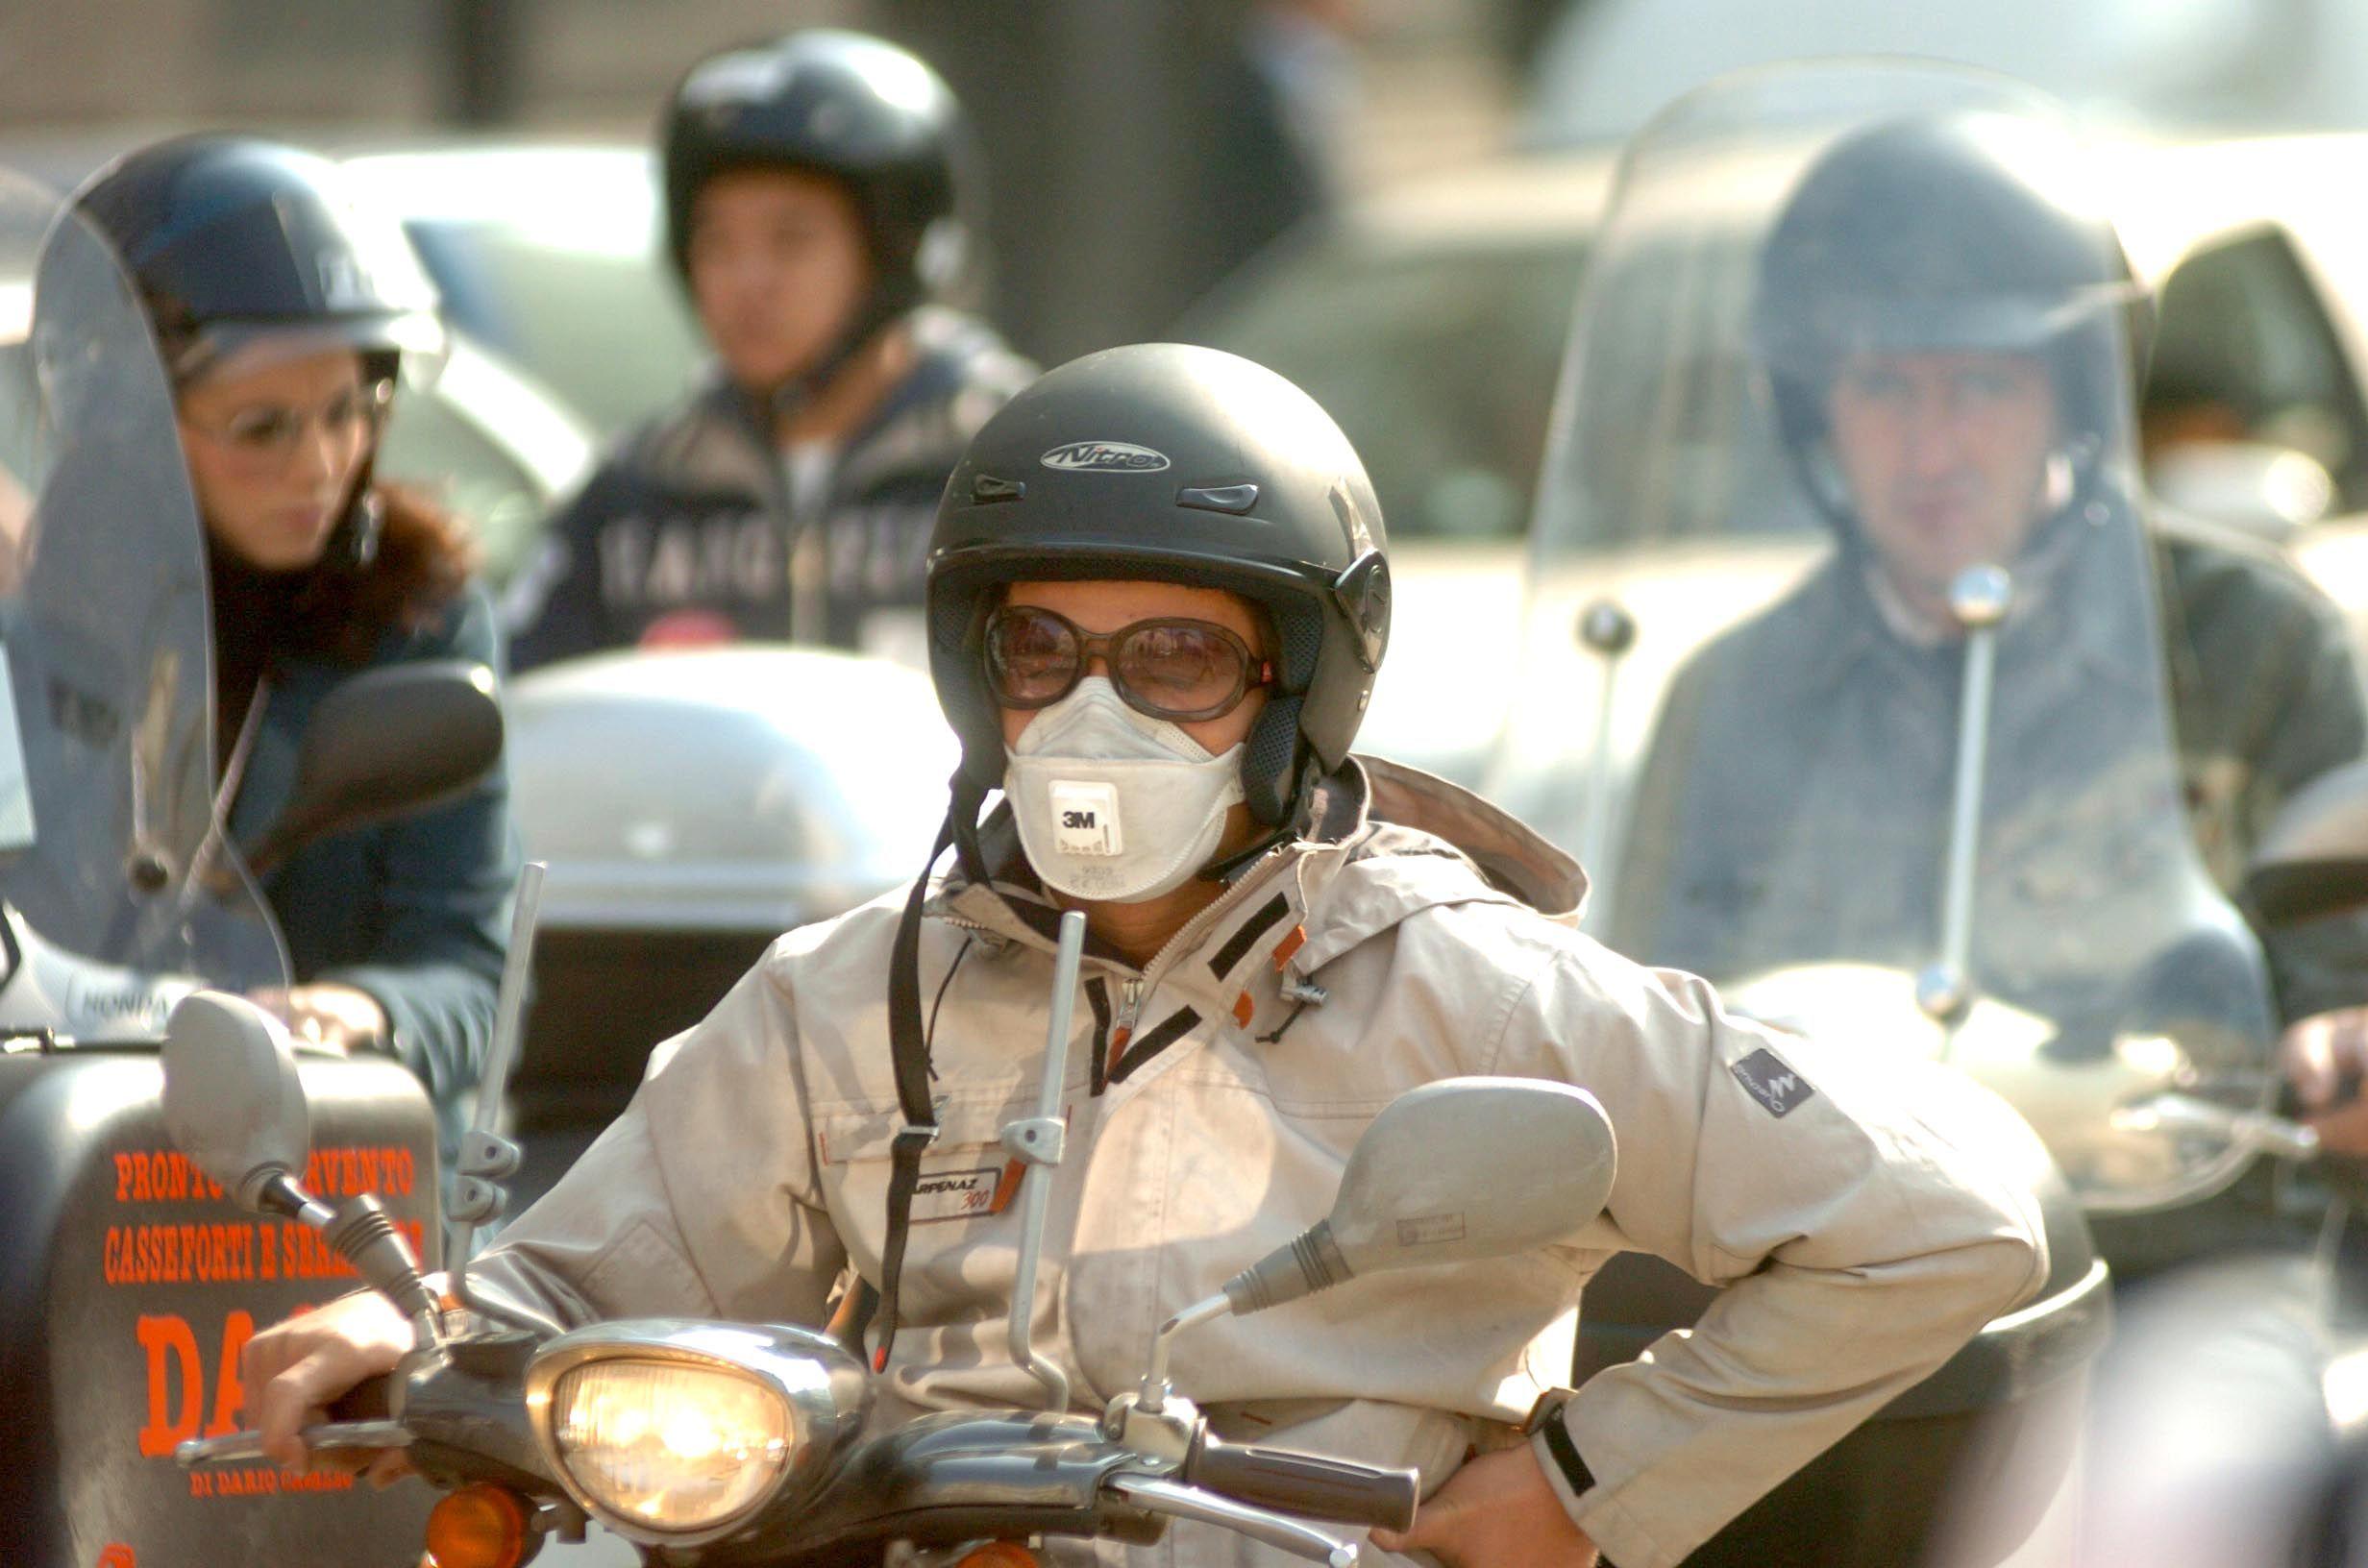 È presente in grande quantità nell'atmosfera ed è dannoso per la salute dell'uomo. Lo conferma uno studio condotto dal Cnr, il primo del suo genere a livel